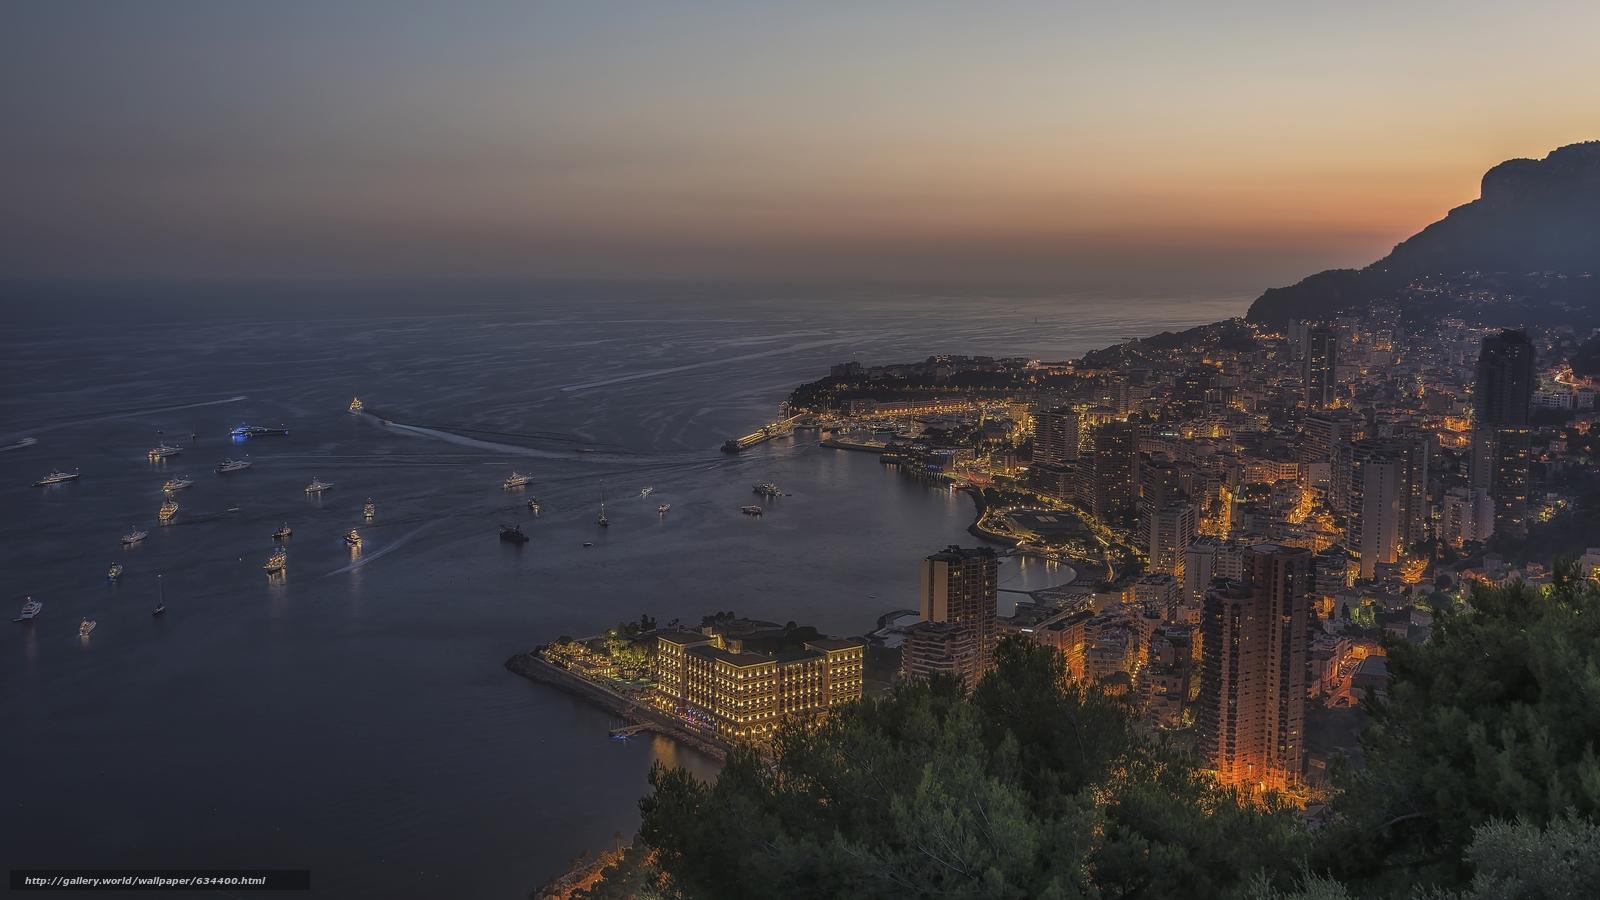 scaricare gli sfondi Monaco,  Monte Carlo,  città,  tramonto Sfondi gratis per la risoluzione del desktop 7360x4140 — immagine №634400